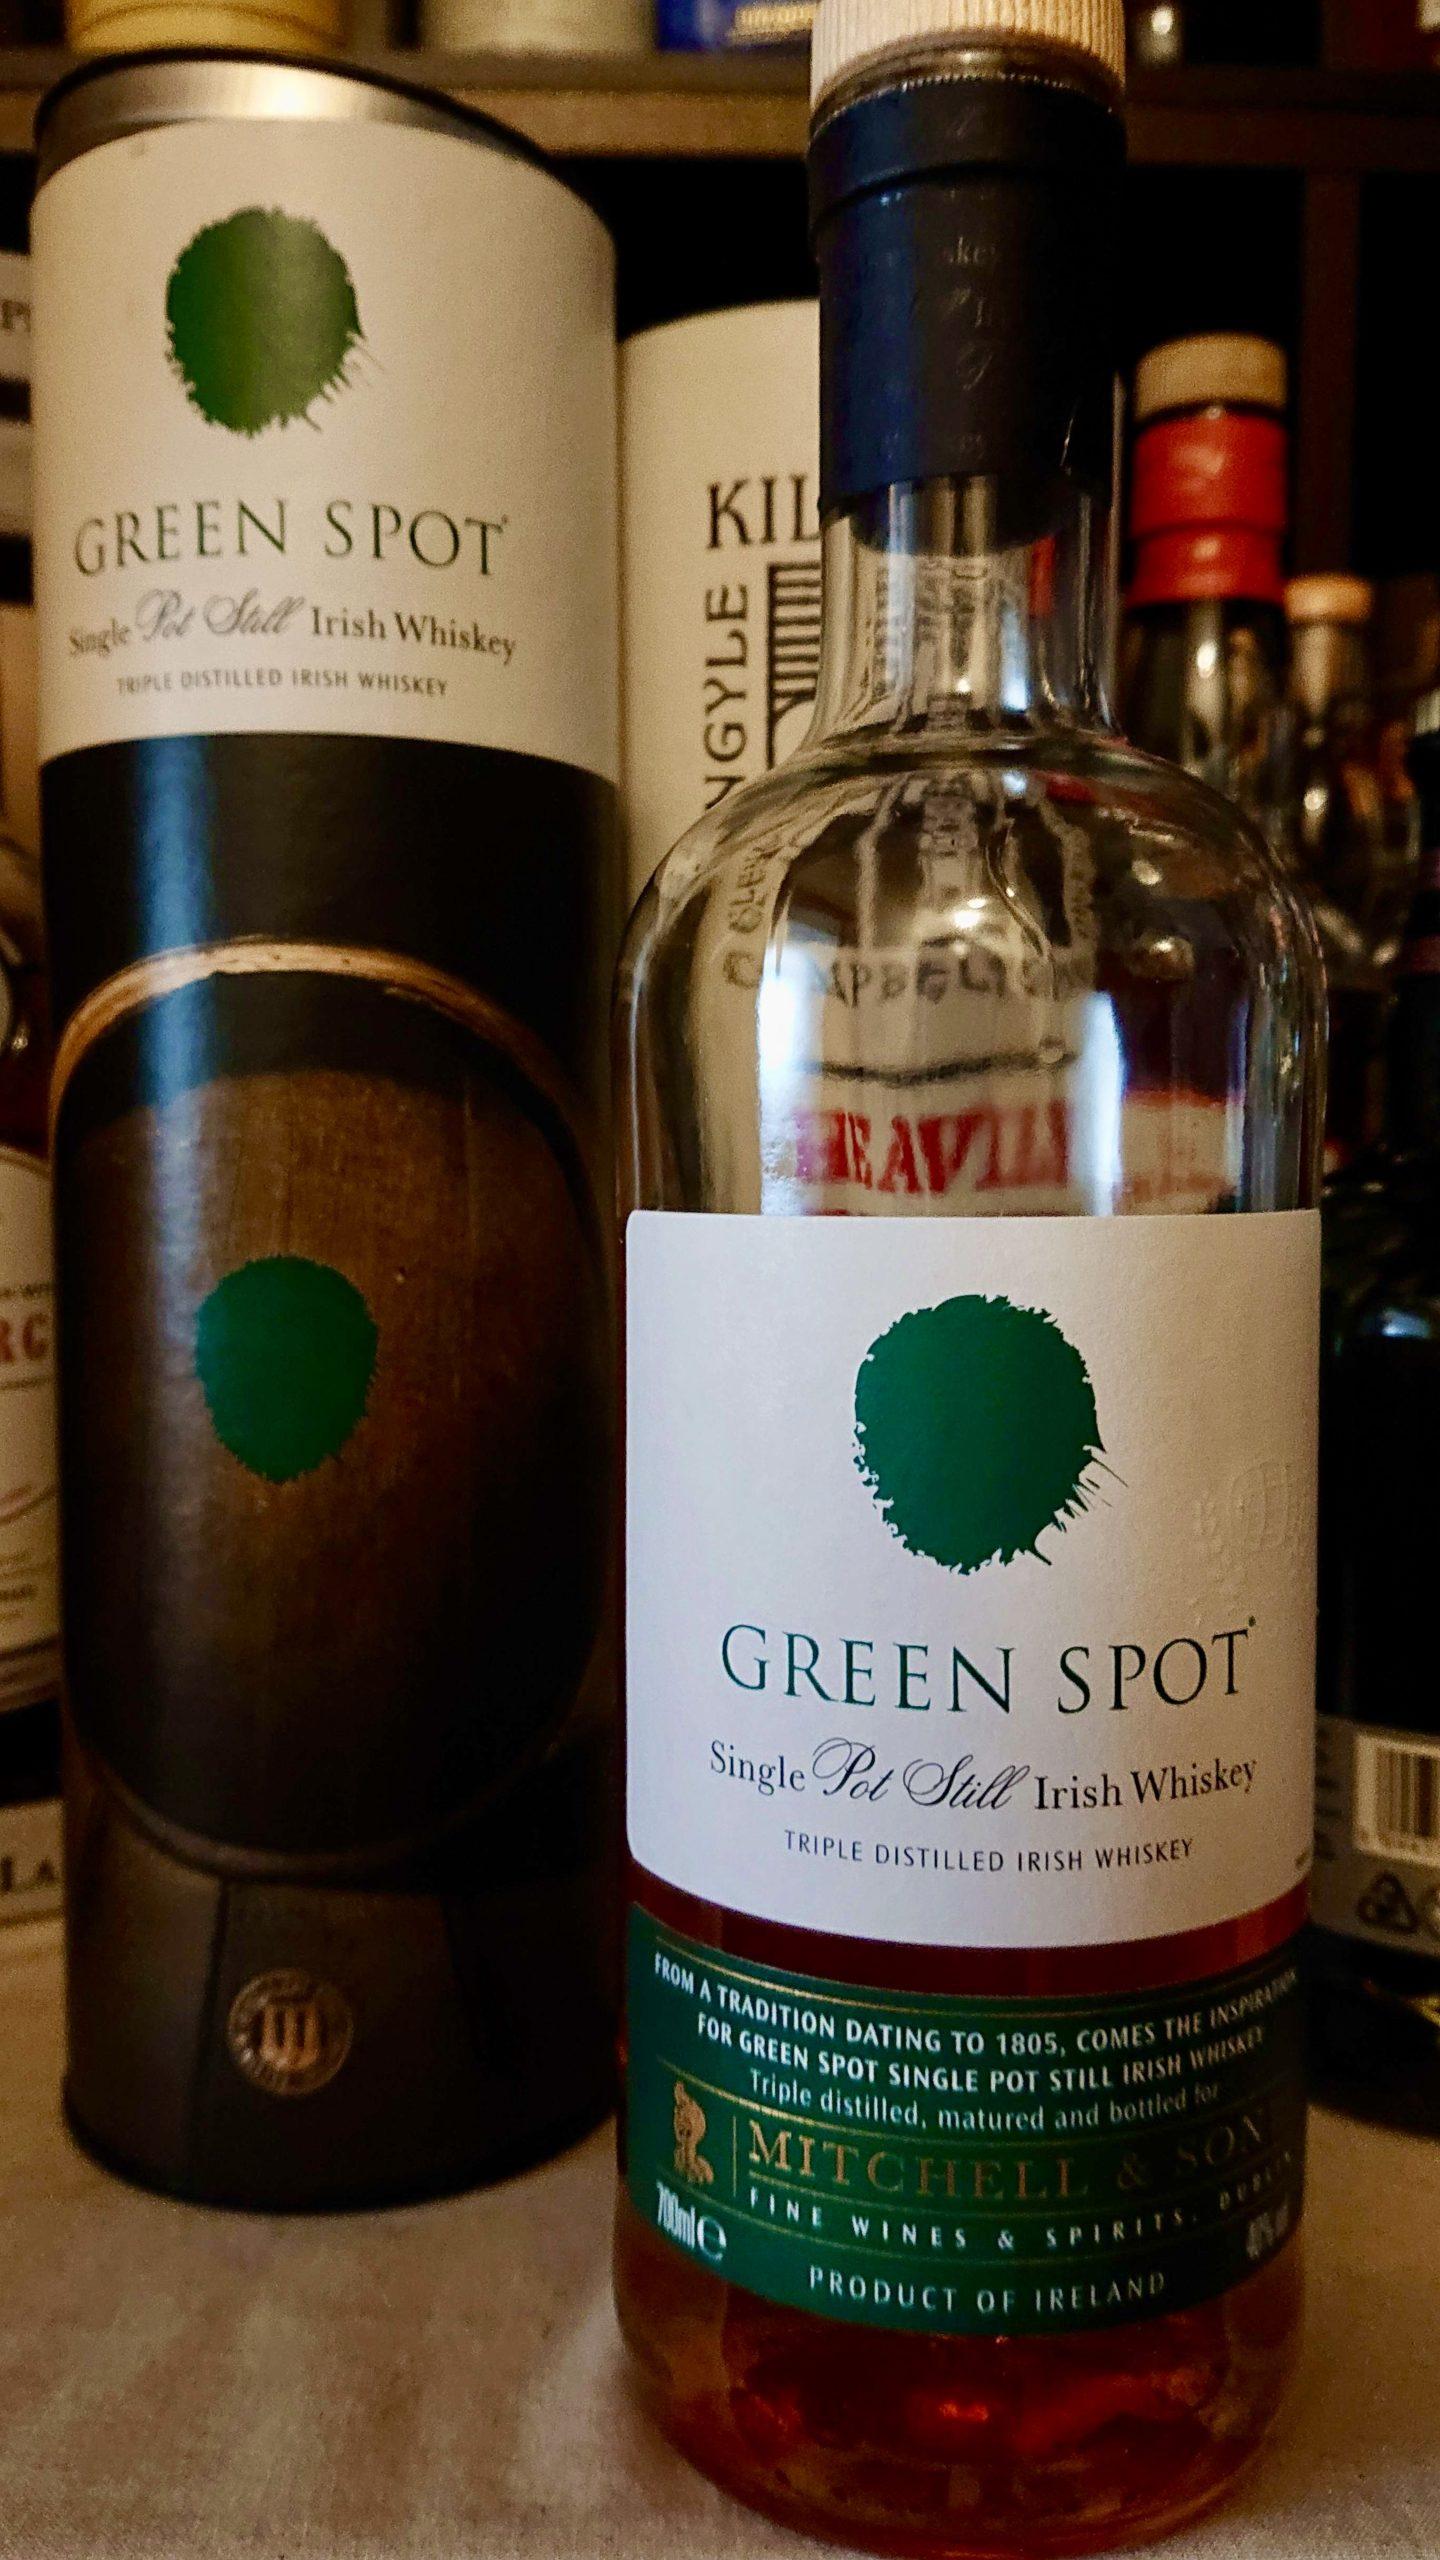 グリーンスポットのテイスティング&レヴュー・これぞアイリッシュなフルーティさ。ラフランスを頬張ったようなフレッシュで繊細なウイスキー!